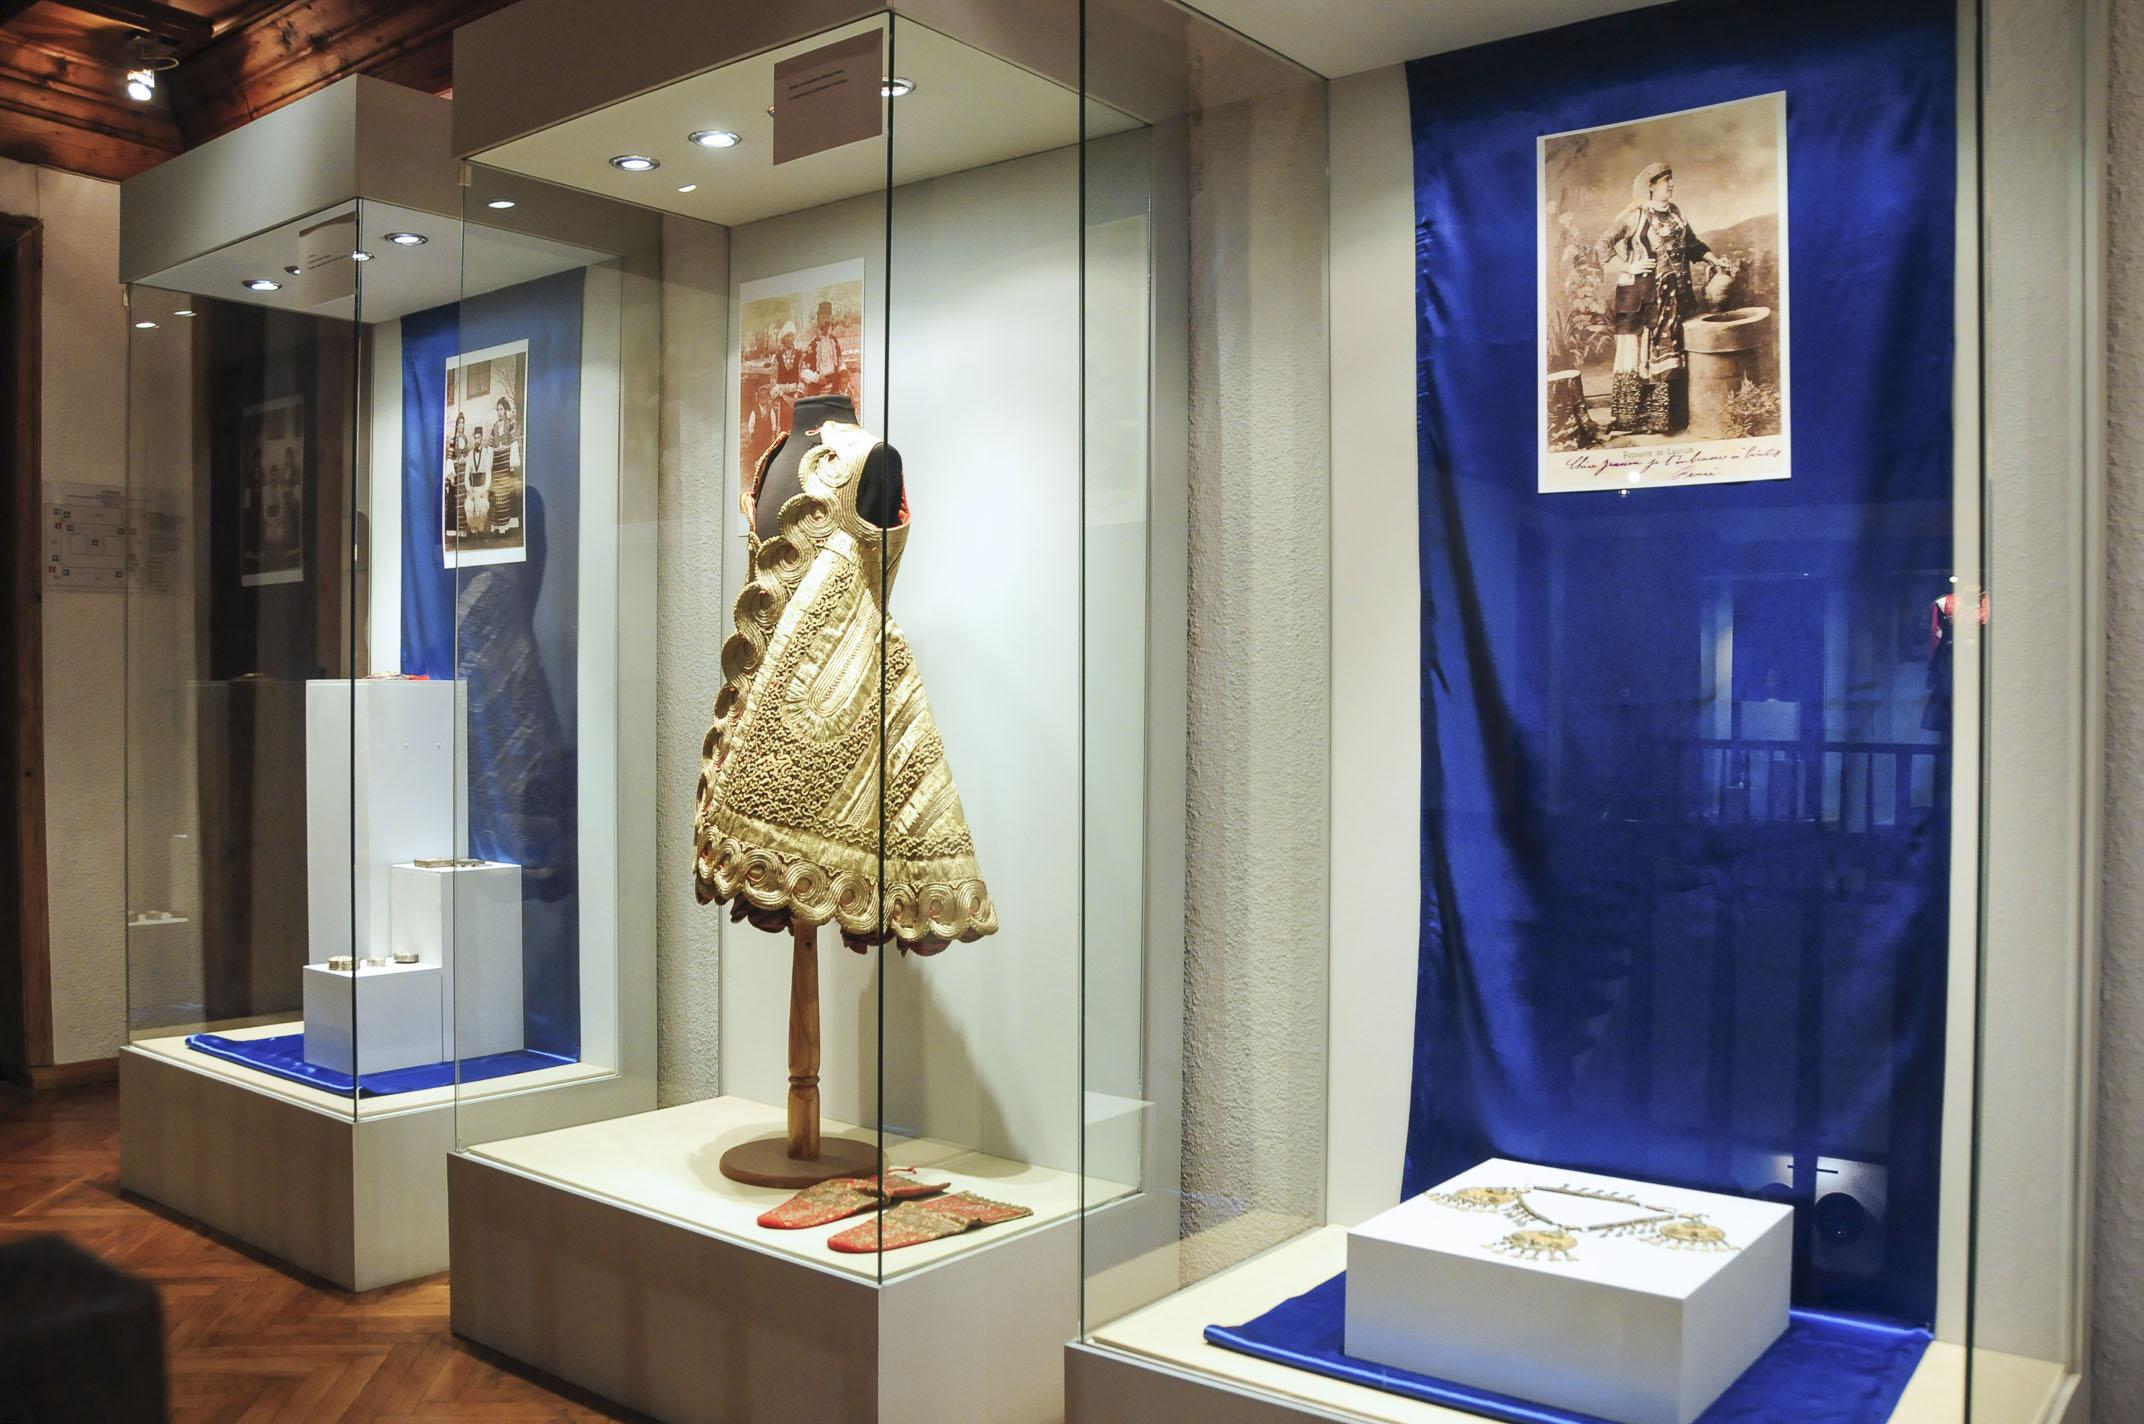 troyan-museum-bylgarsko-zlatarsko-izkustvo-29